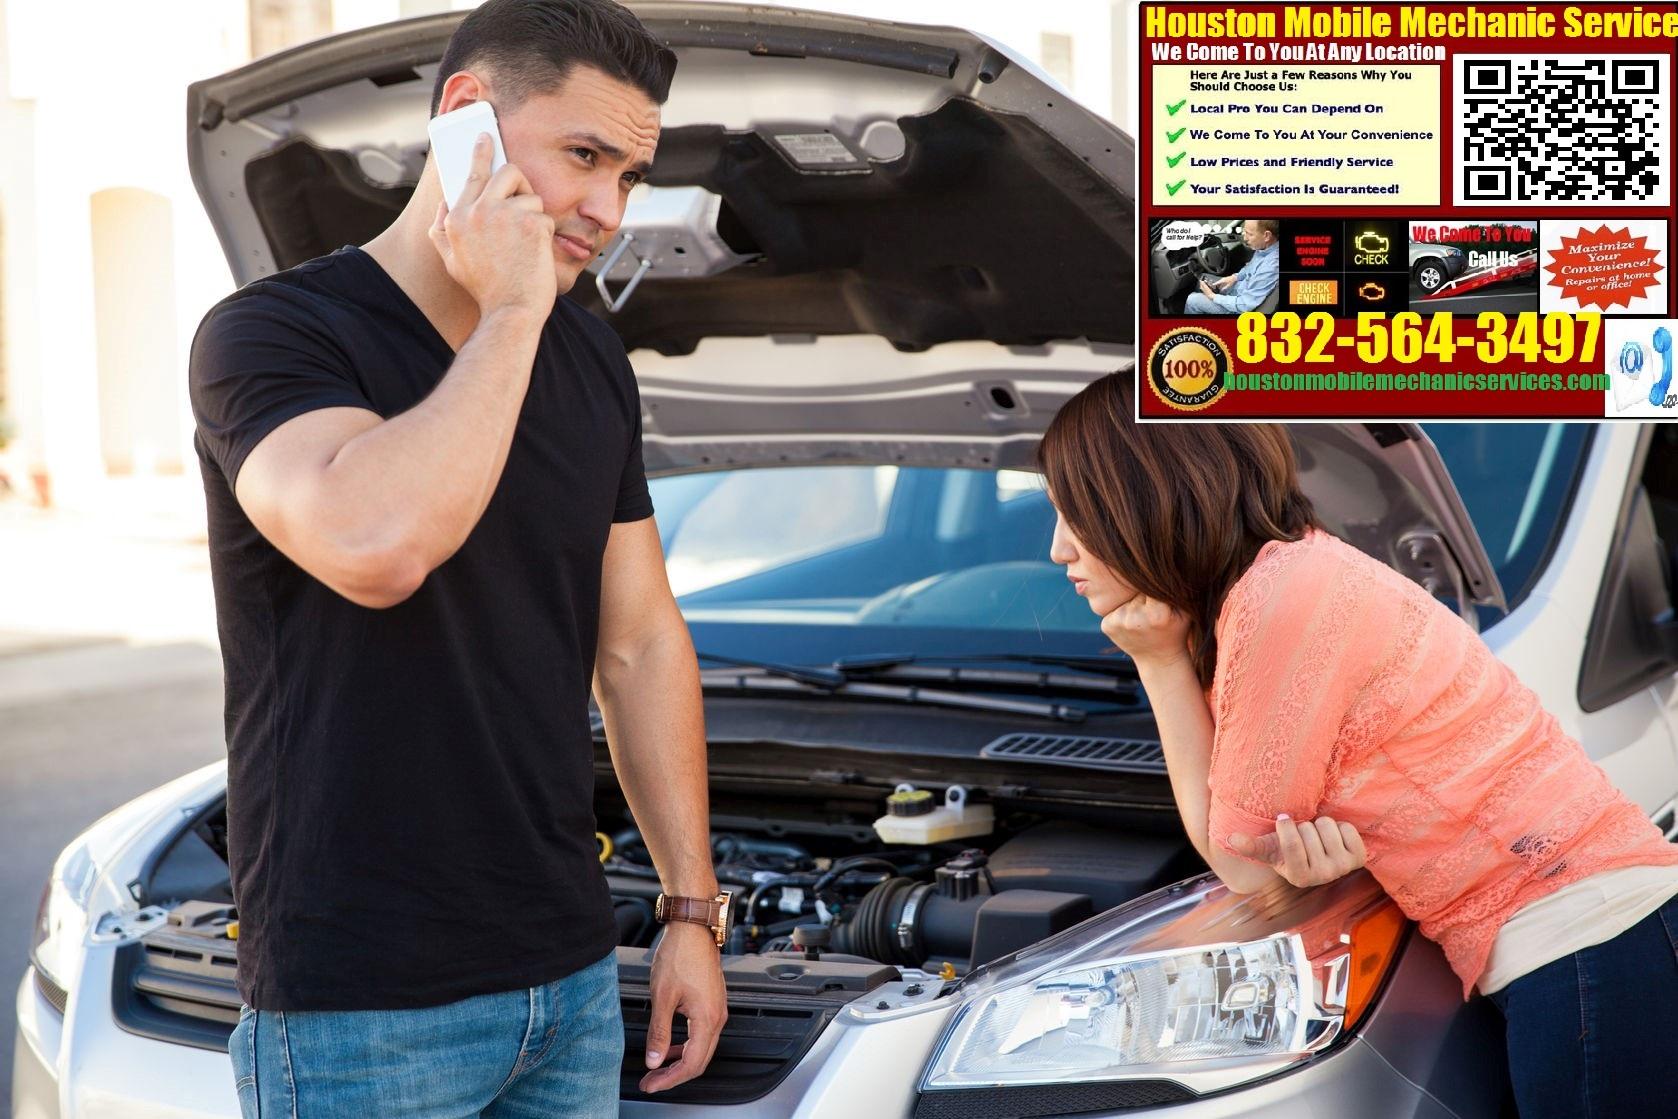 Mobile Mechanic Houston TX Auto Car Repair Service Shop ...